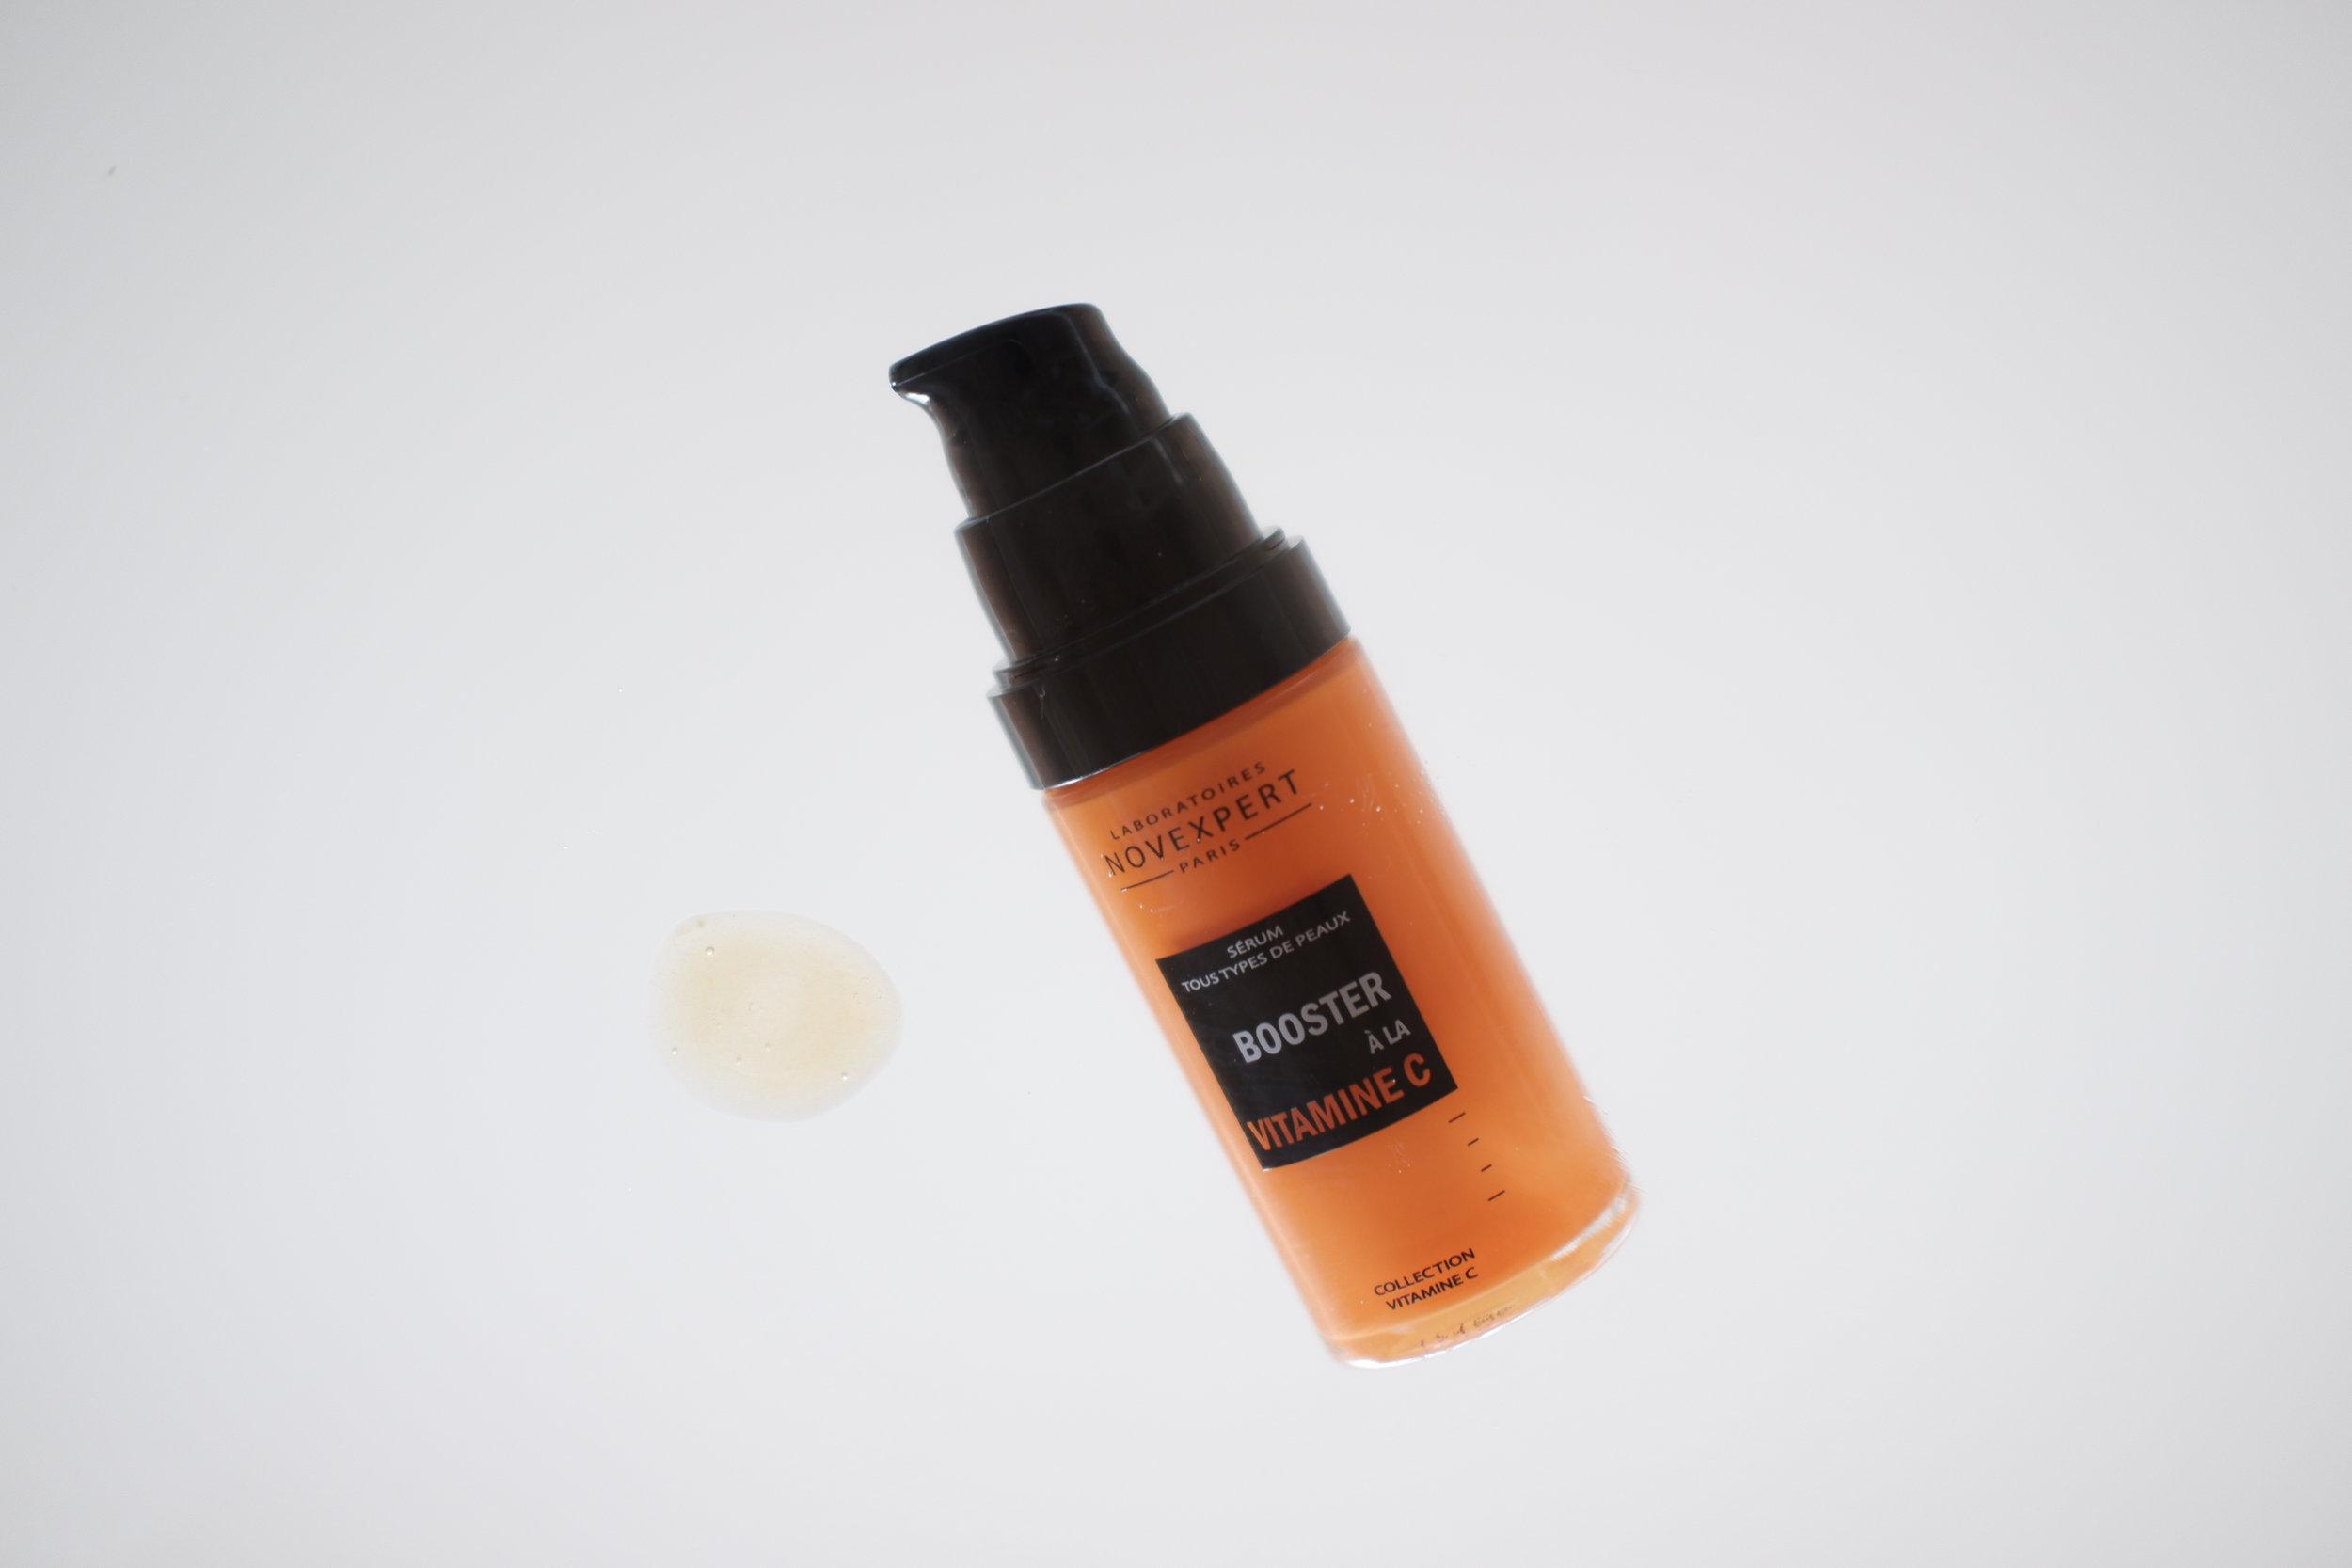 Viikko 27/2019:  Novexpert Vitamin C Booster  - Super tehokas C-vitamiiniseerumi, jonka C-vitamiinipitoisuus on jopa 25%. Kirkastaa heti väsyneen ja samean ihon. Ohut koostumus levittyy iholle hyvin ja tuntuu miellyttävältä. C-vitamiinilla on lukuisia hyötyjä iholle; se kosteuttaa ja kirkastaa ihoa, tasoittaa sen epätasaista sävyä ja on erinomainen anti-age -vaikutteiltaan. Tämä seerumi on paras ikääntyvälle iholle tai C-vitamiiniin tottuneelle iholle. Se soveltuu kuitenkin myös herkälle iholle.